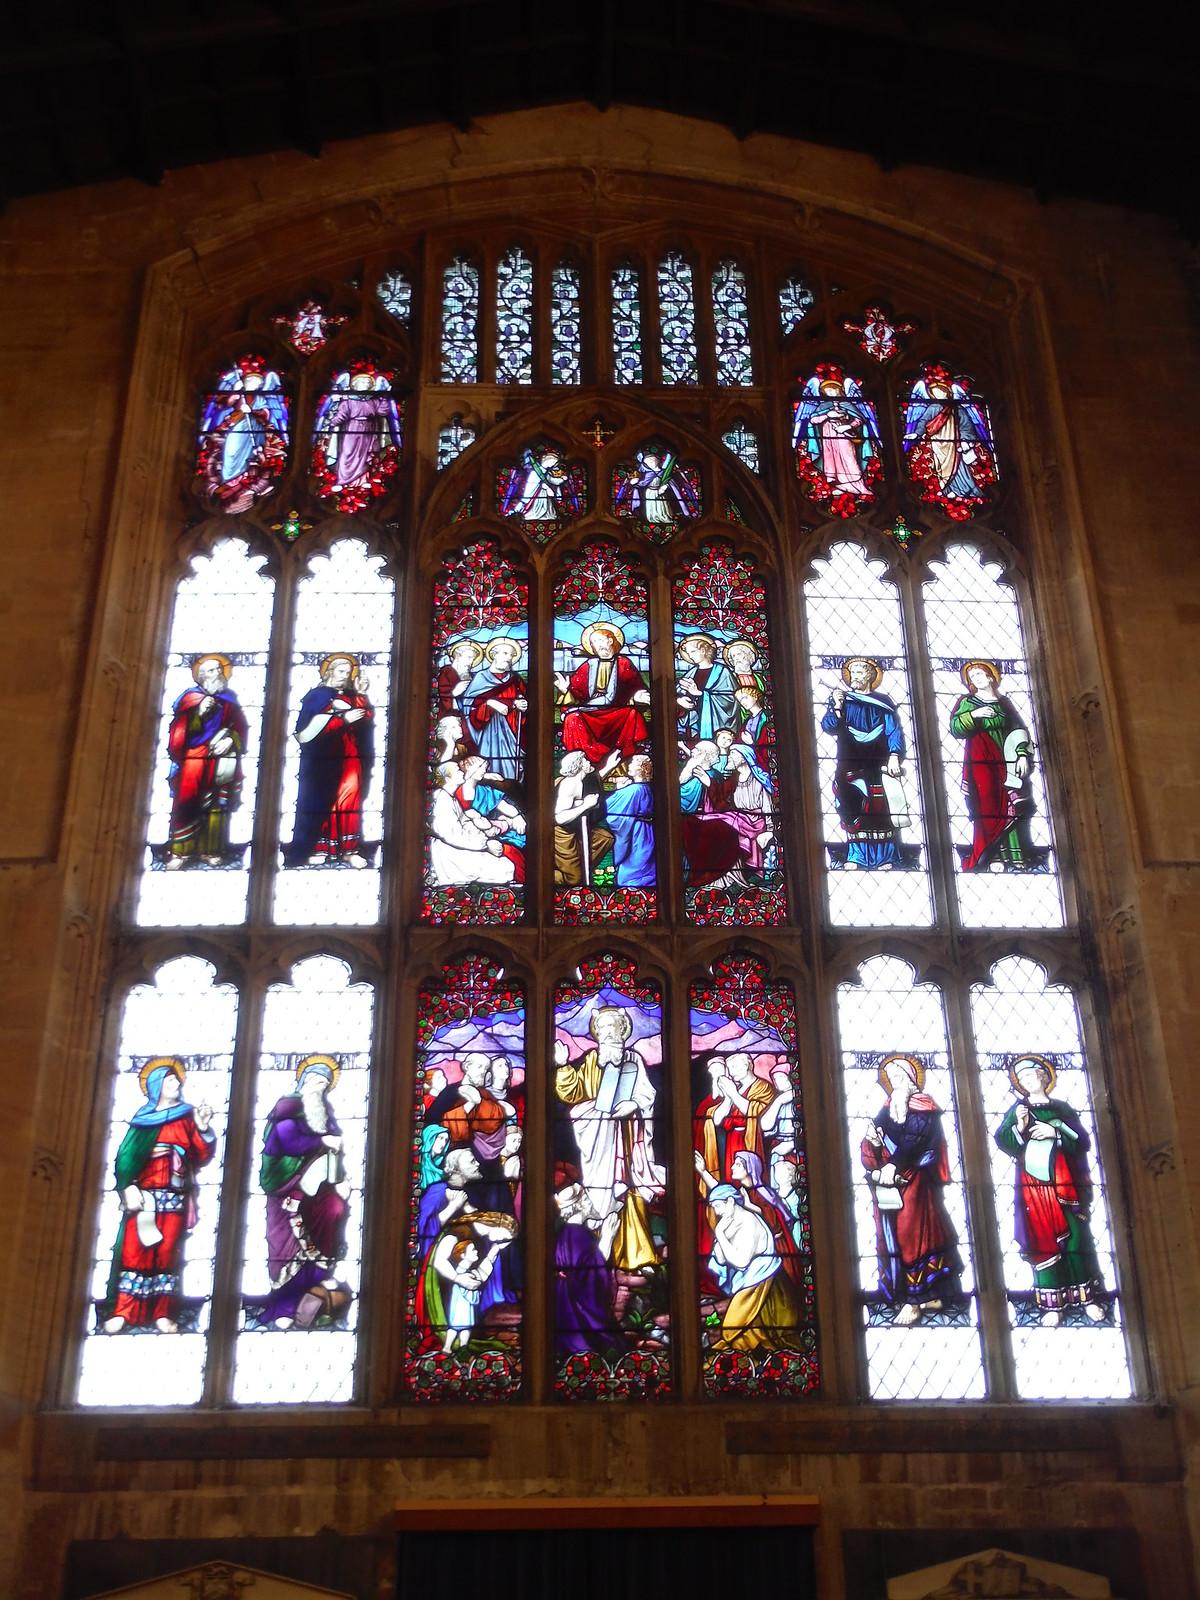 Stained Glass Windows, All Saints, Westbury SWC Walk 286 Westbury to Warminster (via Imber Range)